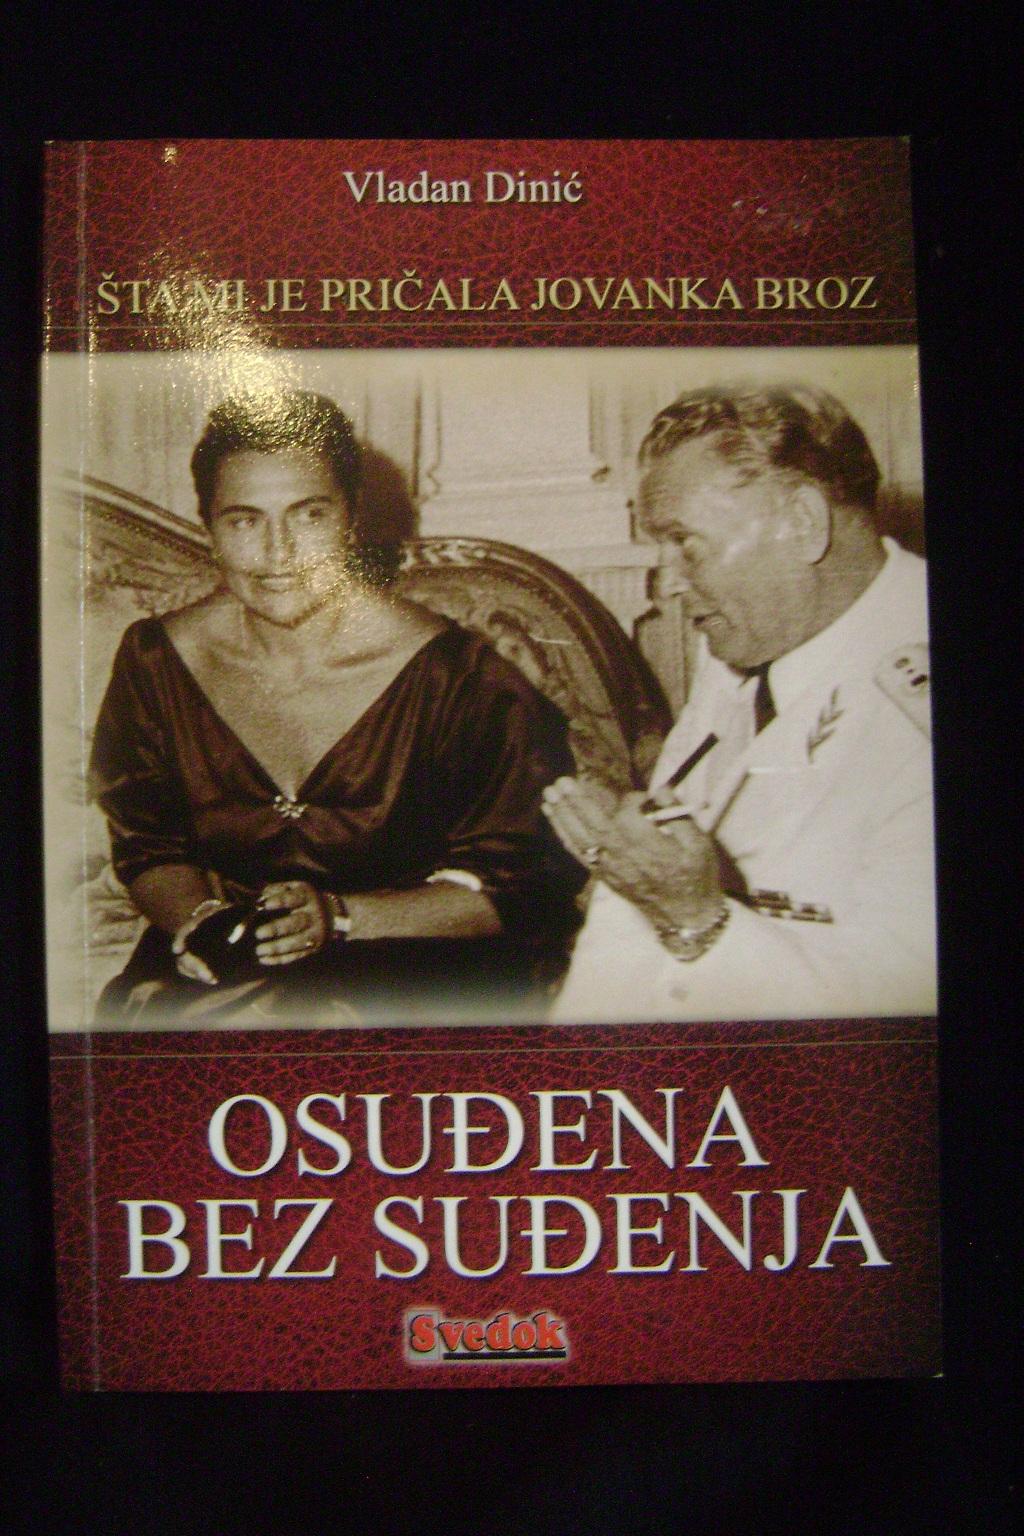 OSUĐENA_BEZ_SUĐENJA_Vladan_Dinić.JPG